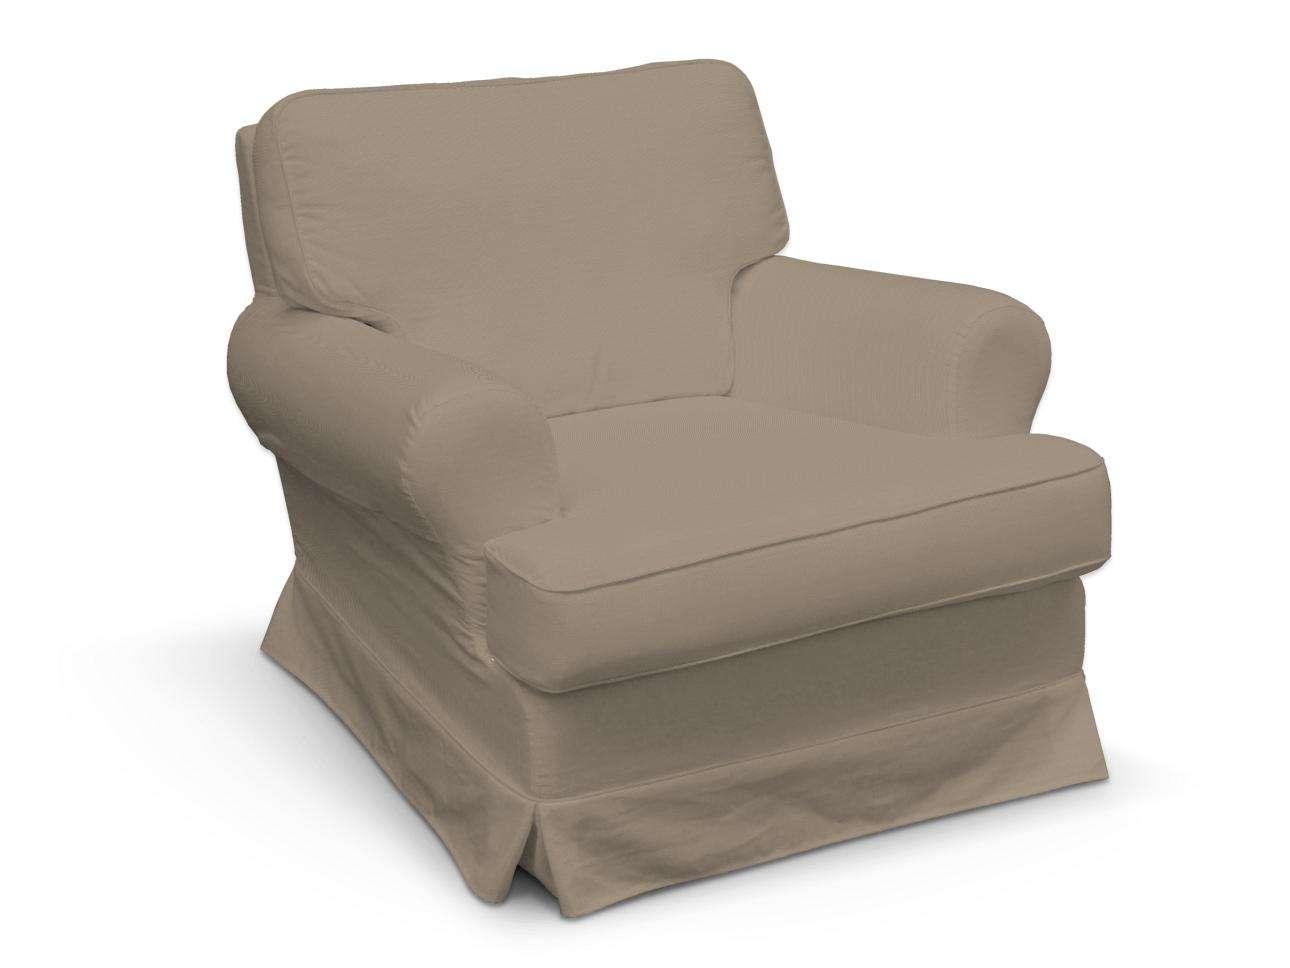 Barkaby fotelio užvalkalas Barkaby fotelio užvalkalas kolekcijoje Cotton Panama, audinys: 702-28